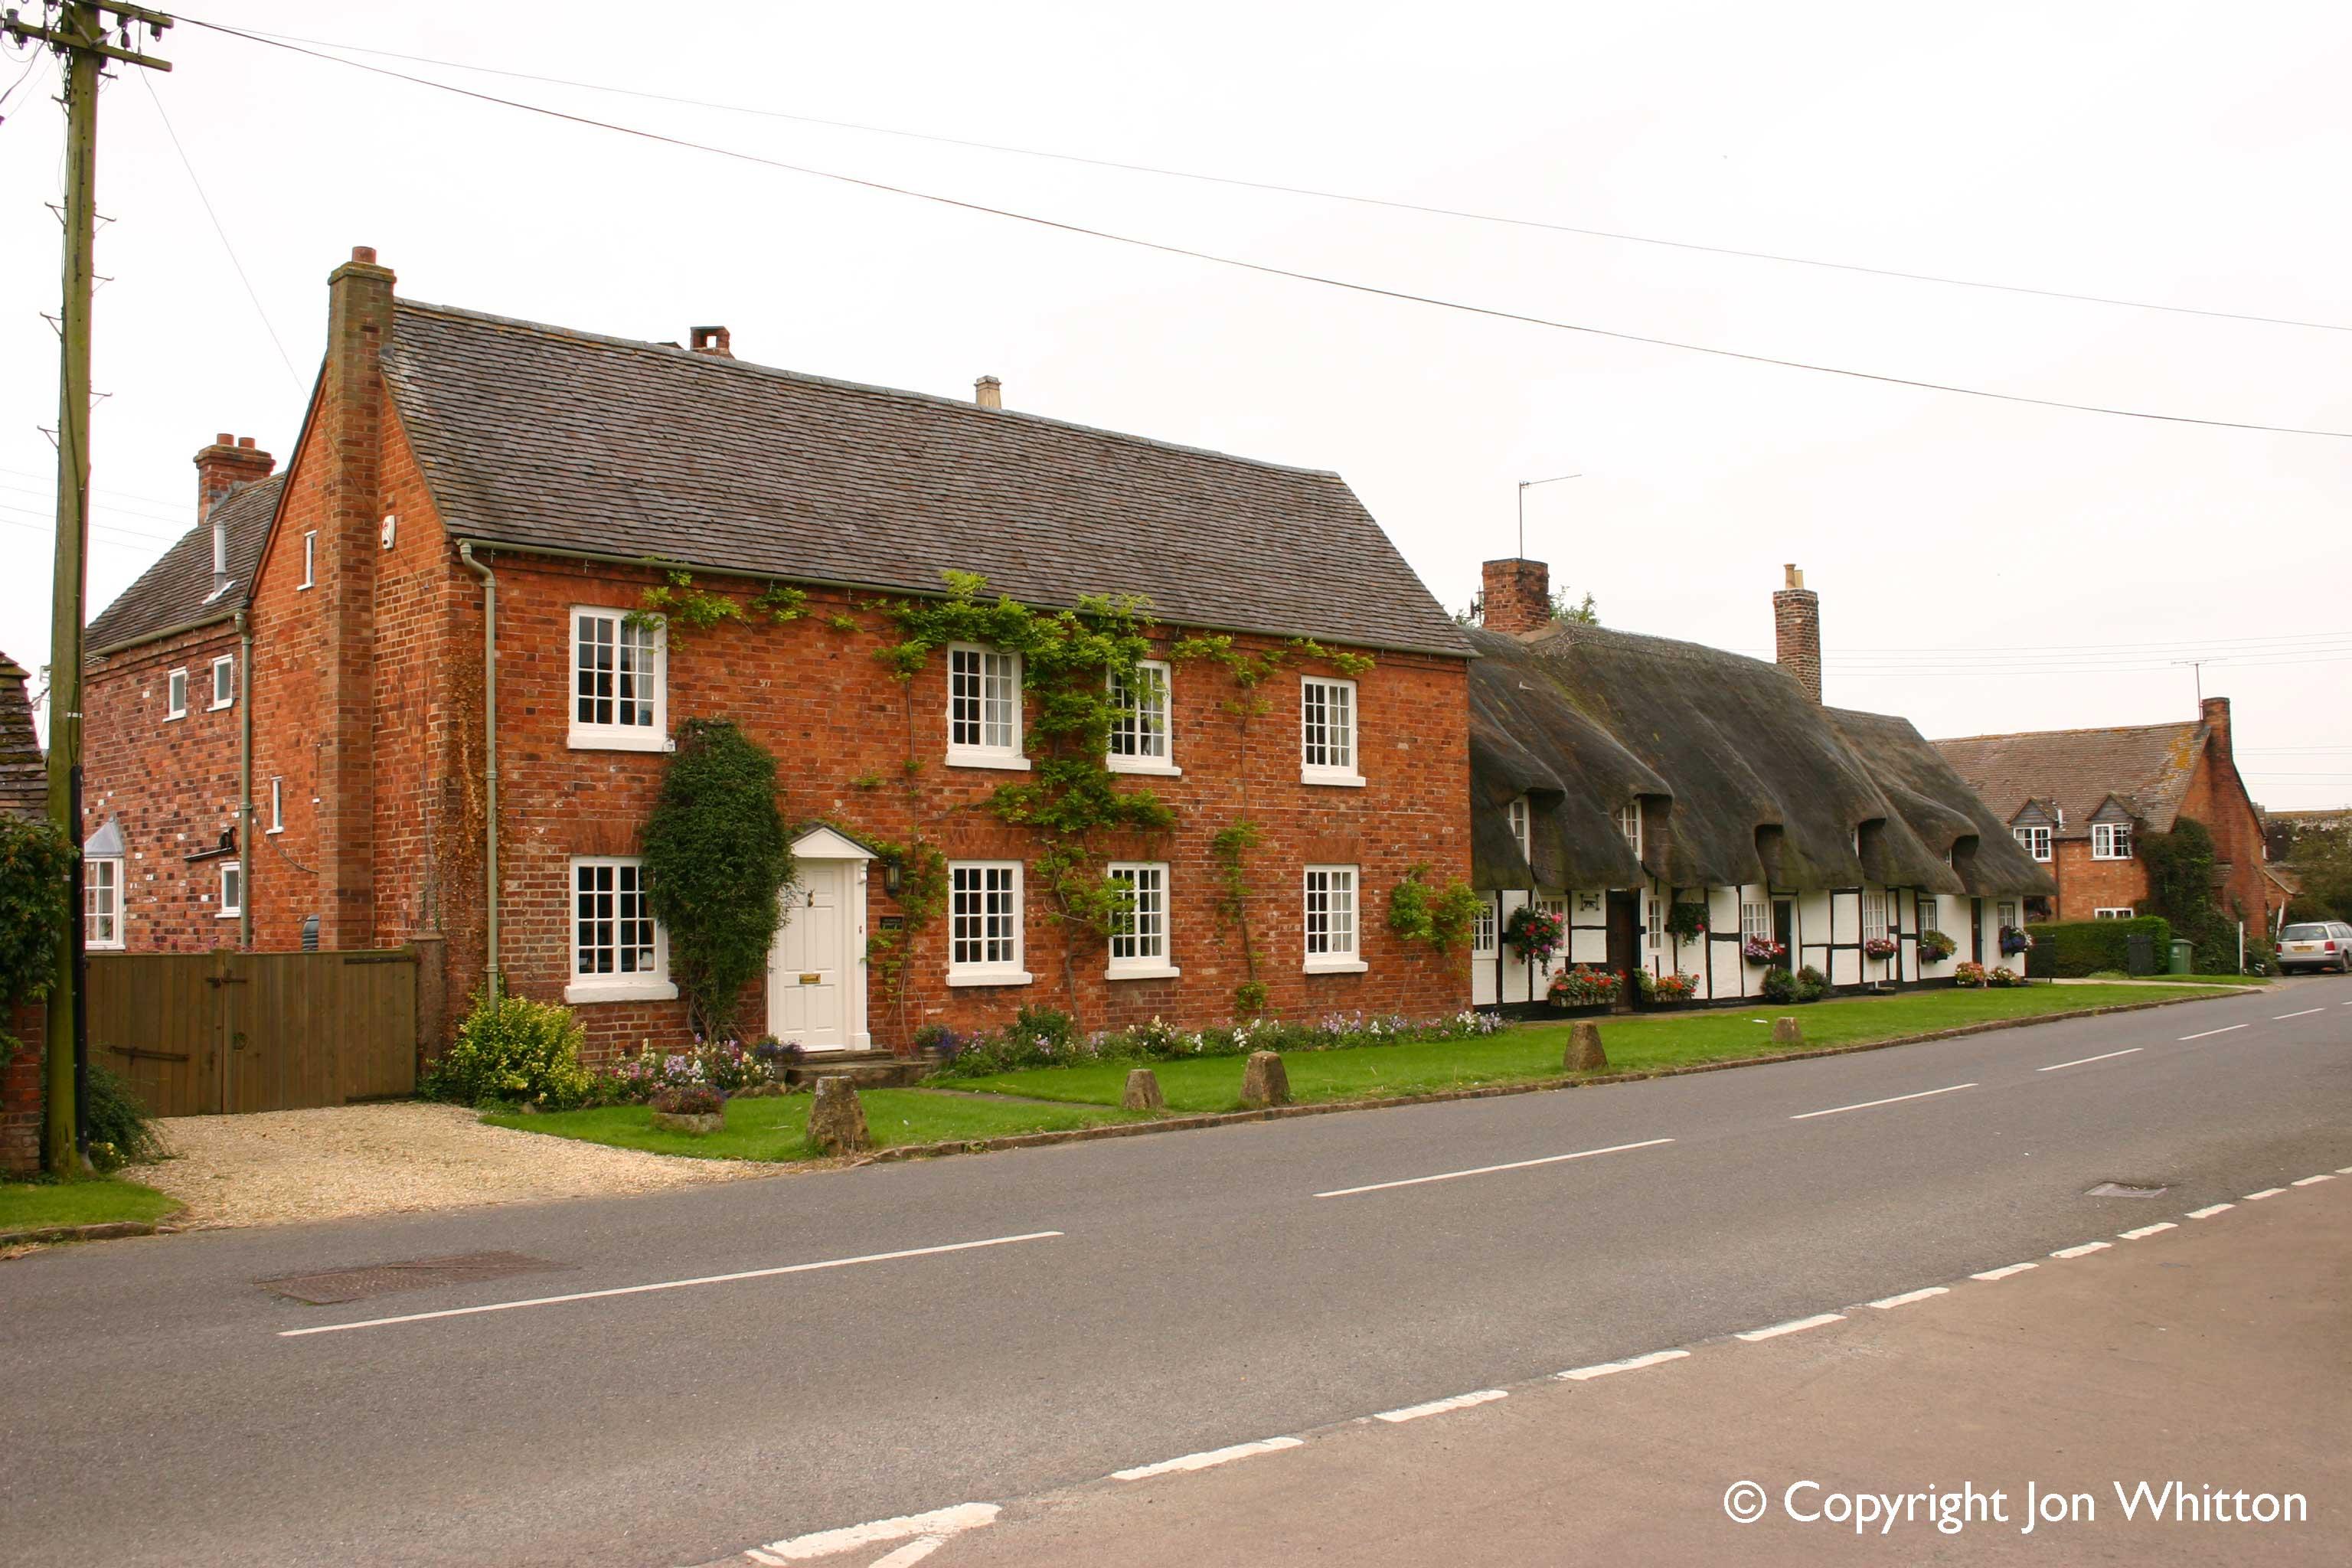 Lower Quinton cottages